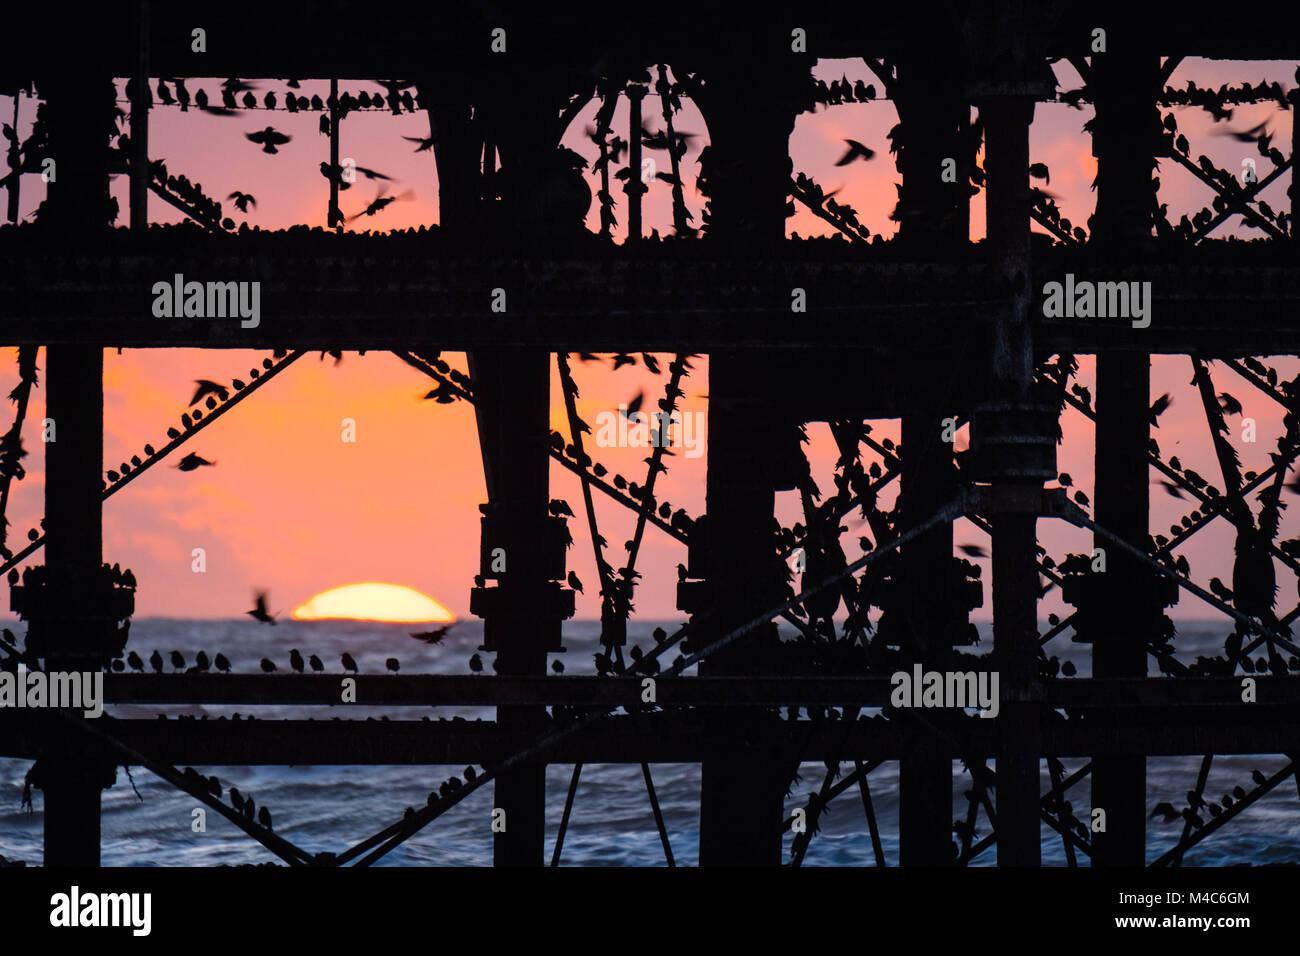 Aberystwyth Wales UK, Thursday 15 Feb 2018  UK Weather:  The setting sun, framed  dramatically behind Aberystwyth Stock Photo